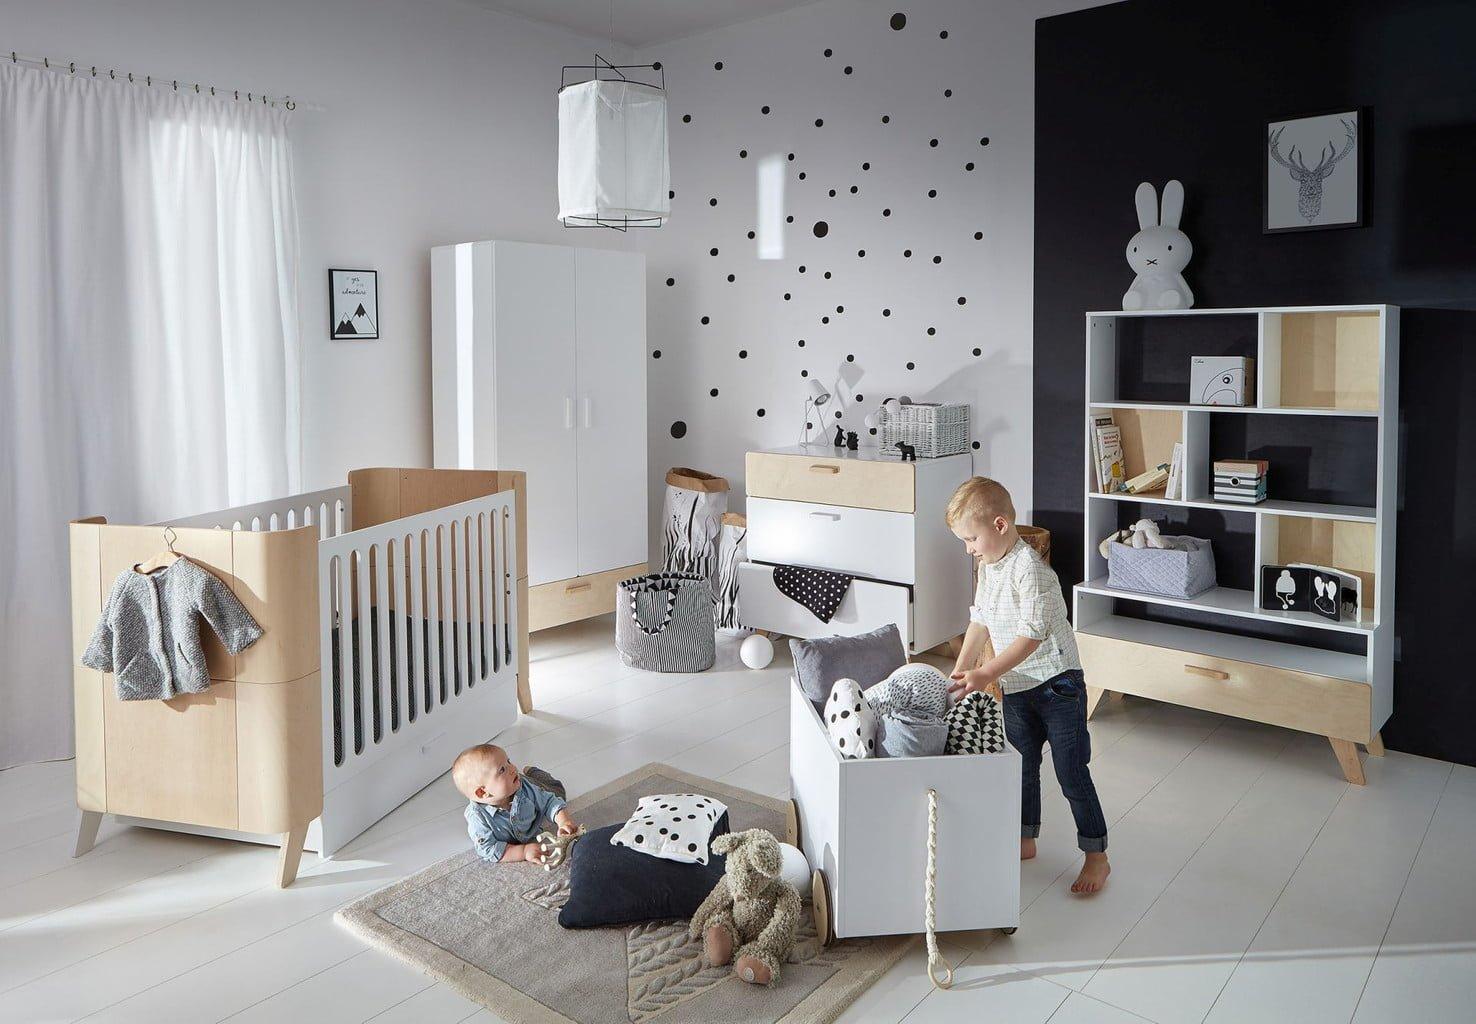 Meble Bellamy – najlepsze meble do pokoju dziecka?